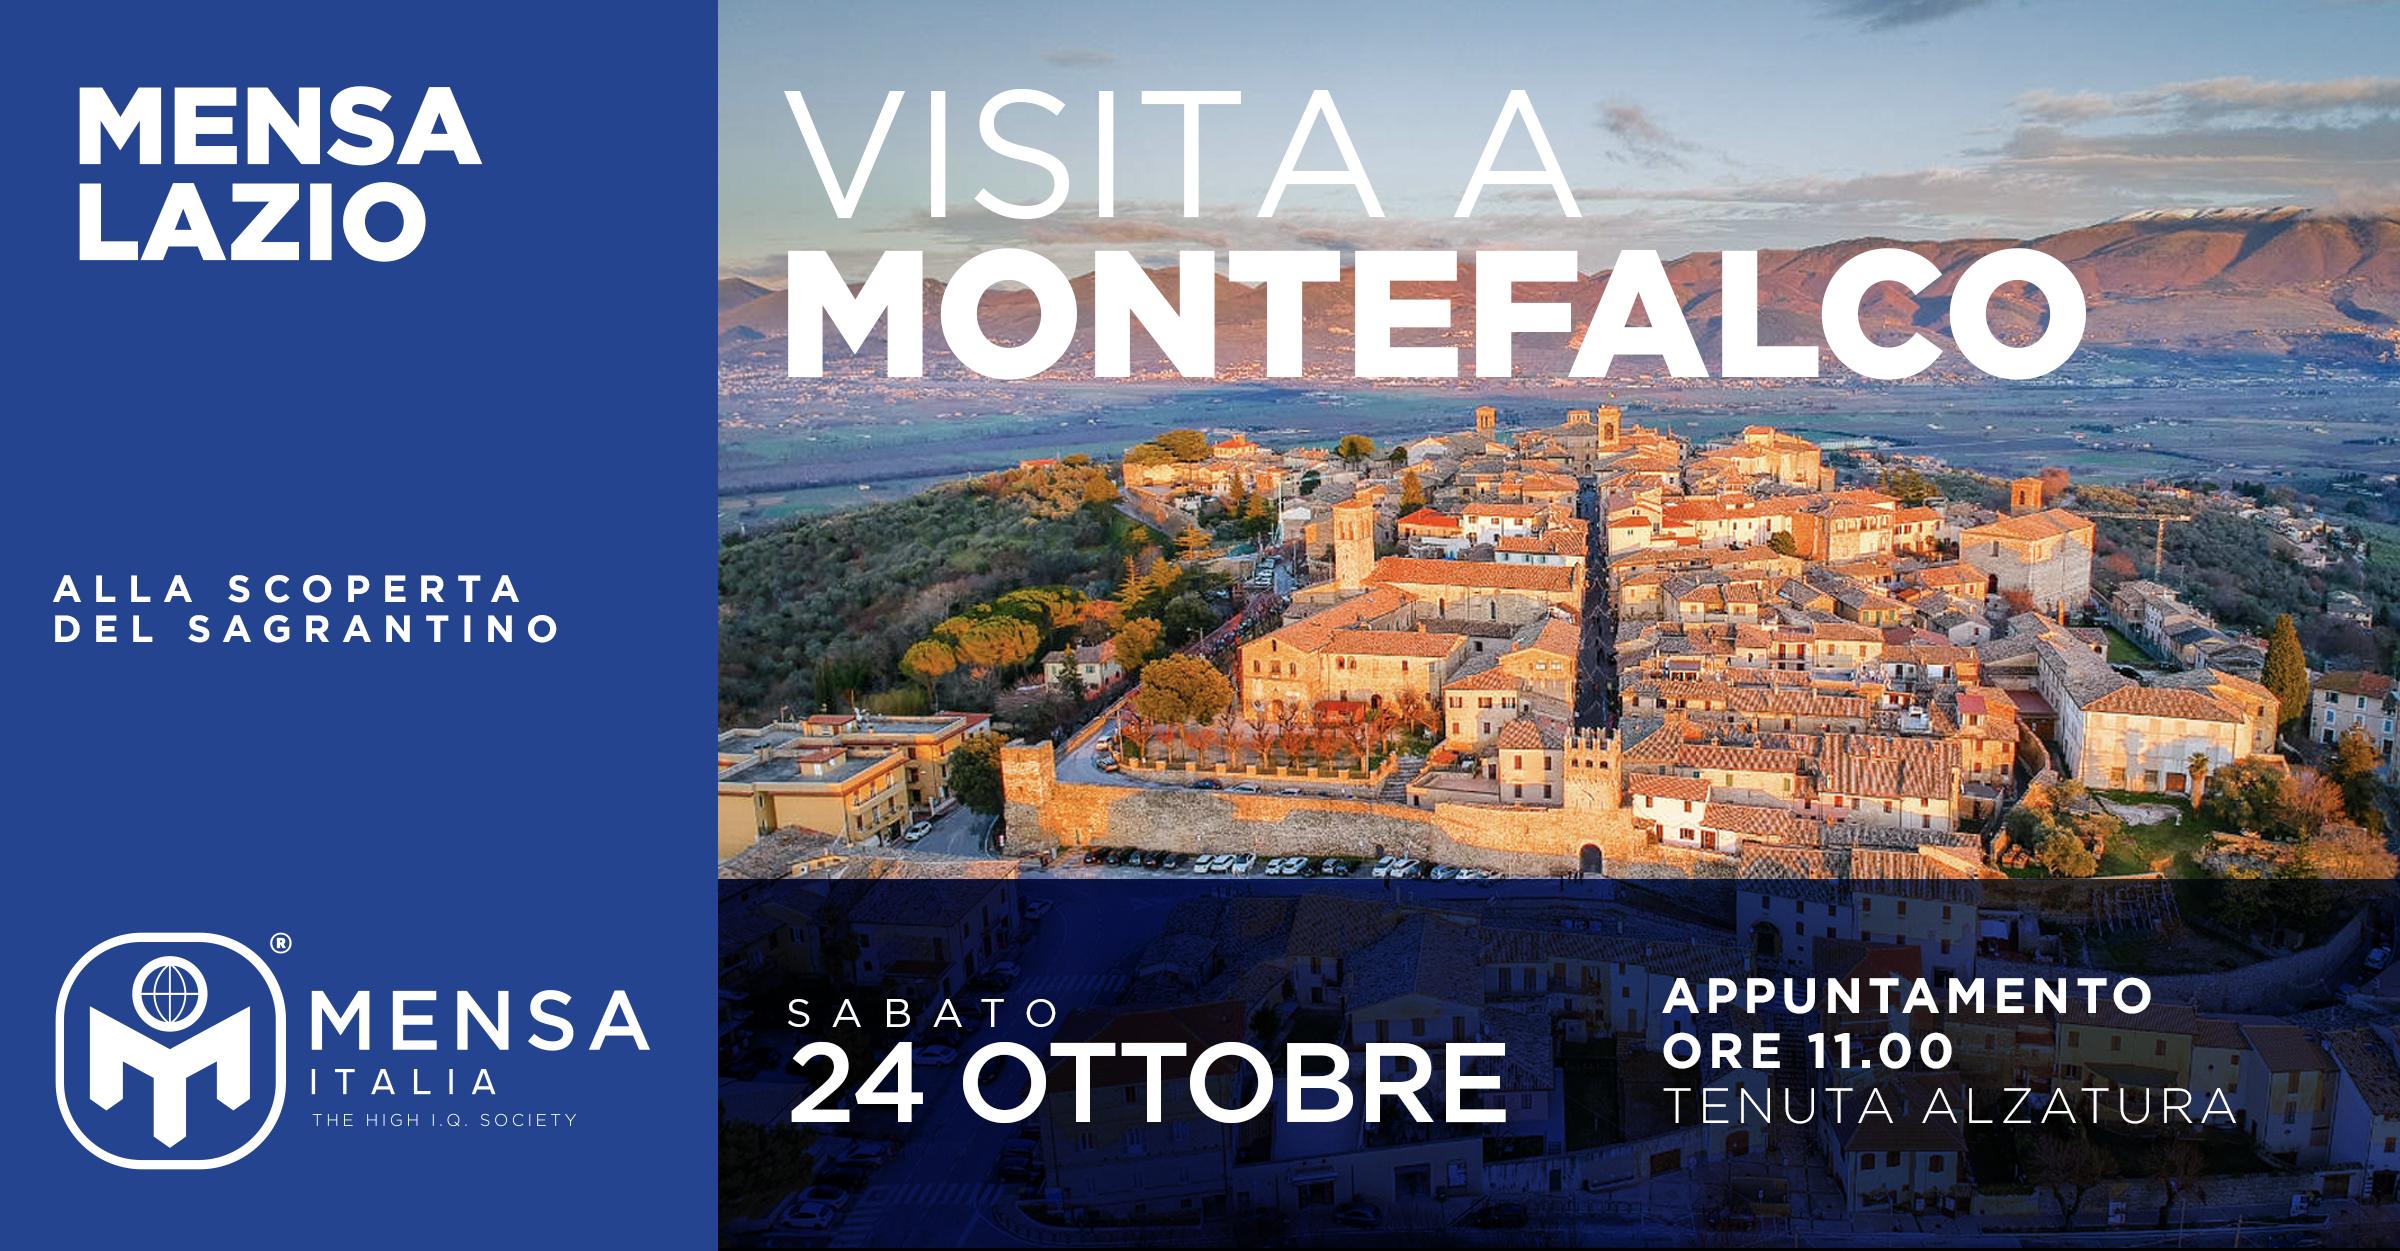 Visita a Montefalco